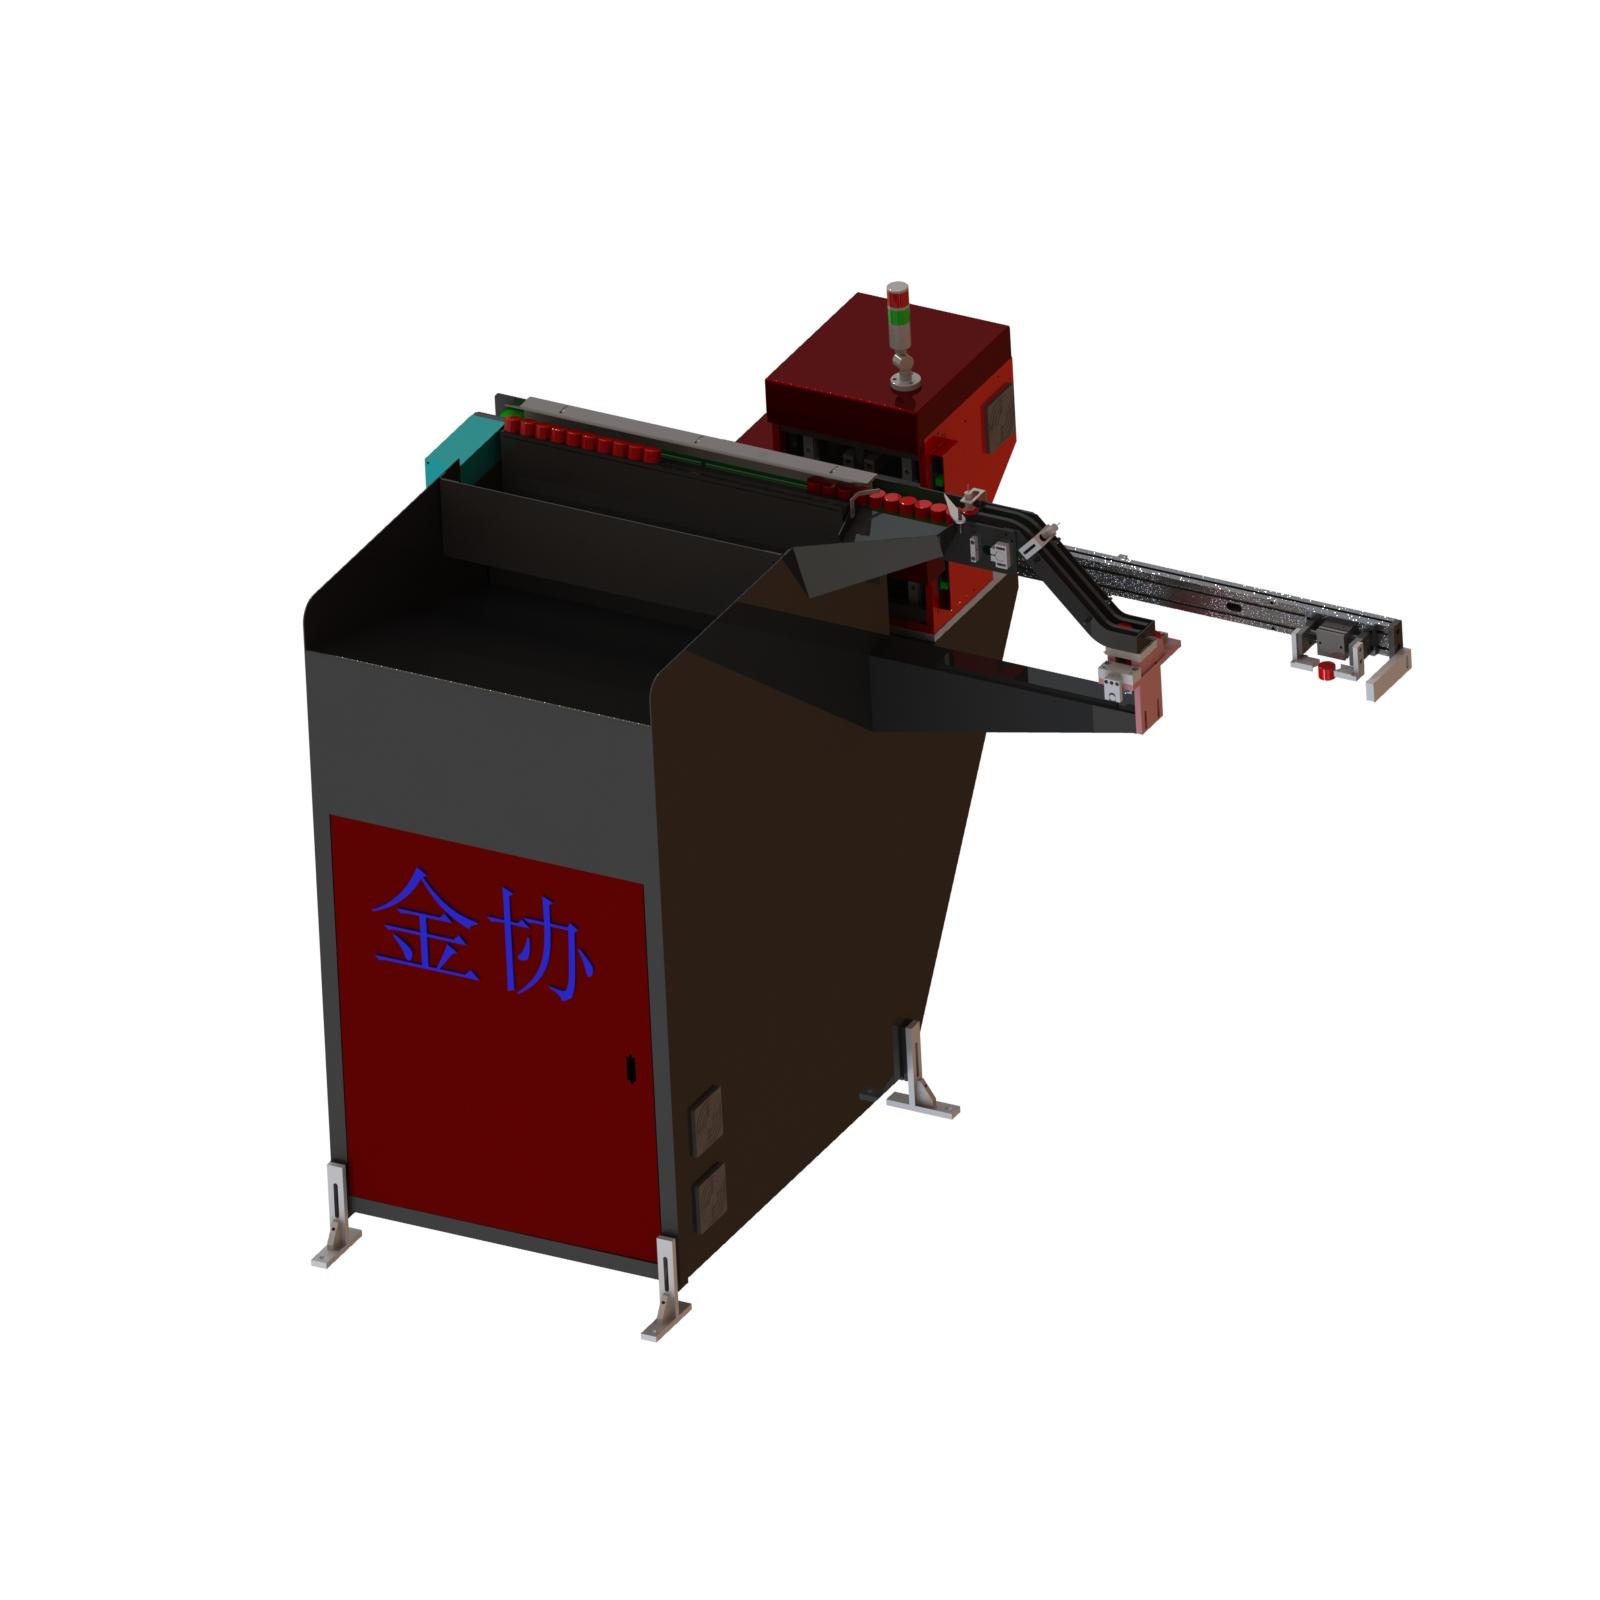 金协 JXRJ2-400工业自动化冲床冷挤压机械手